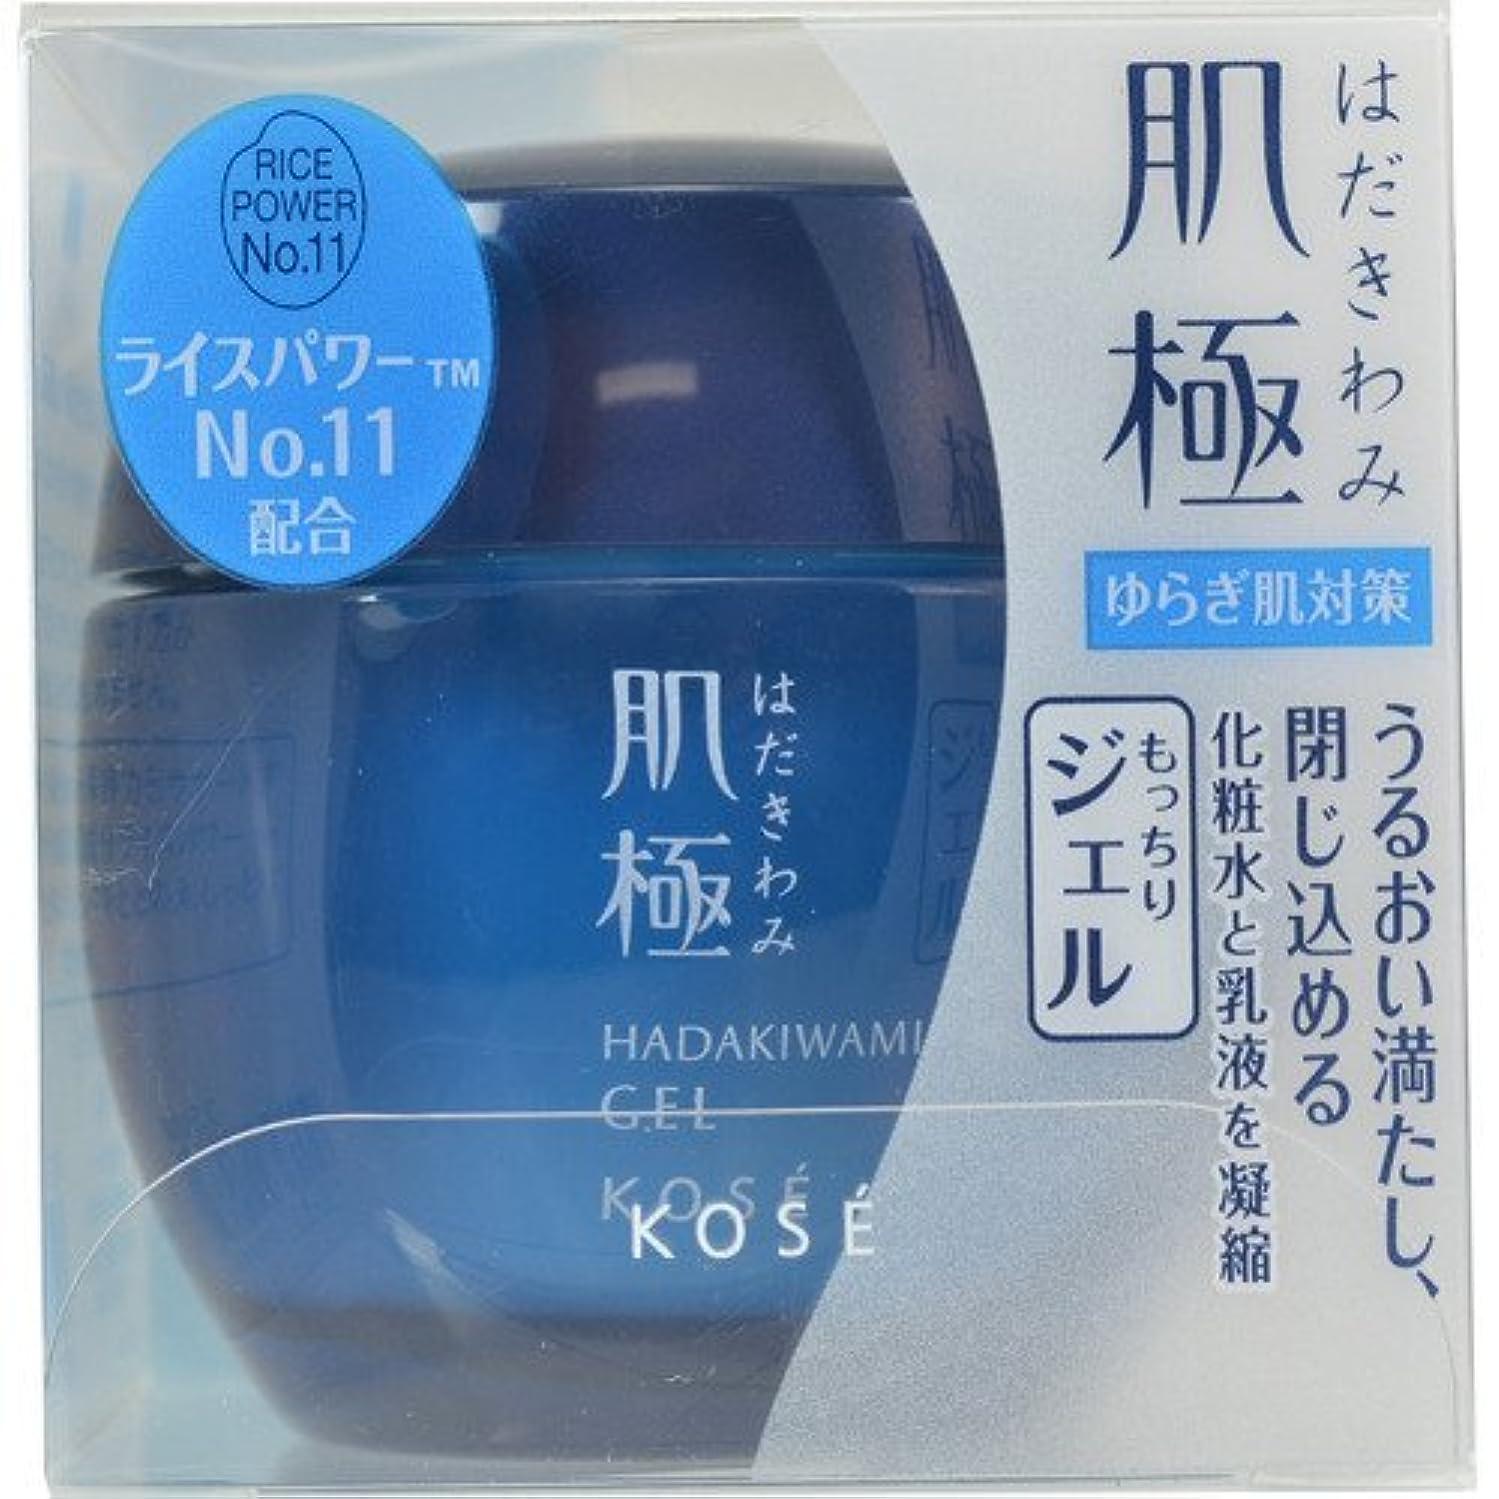 クリック剛性取り戻す肌極 化粧液(ジェル) 40g [並行輸入品]